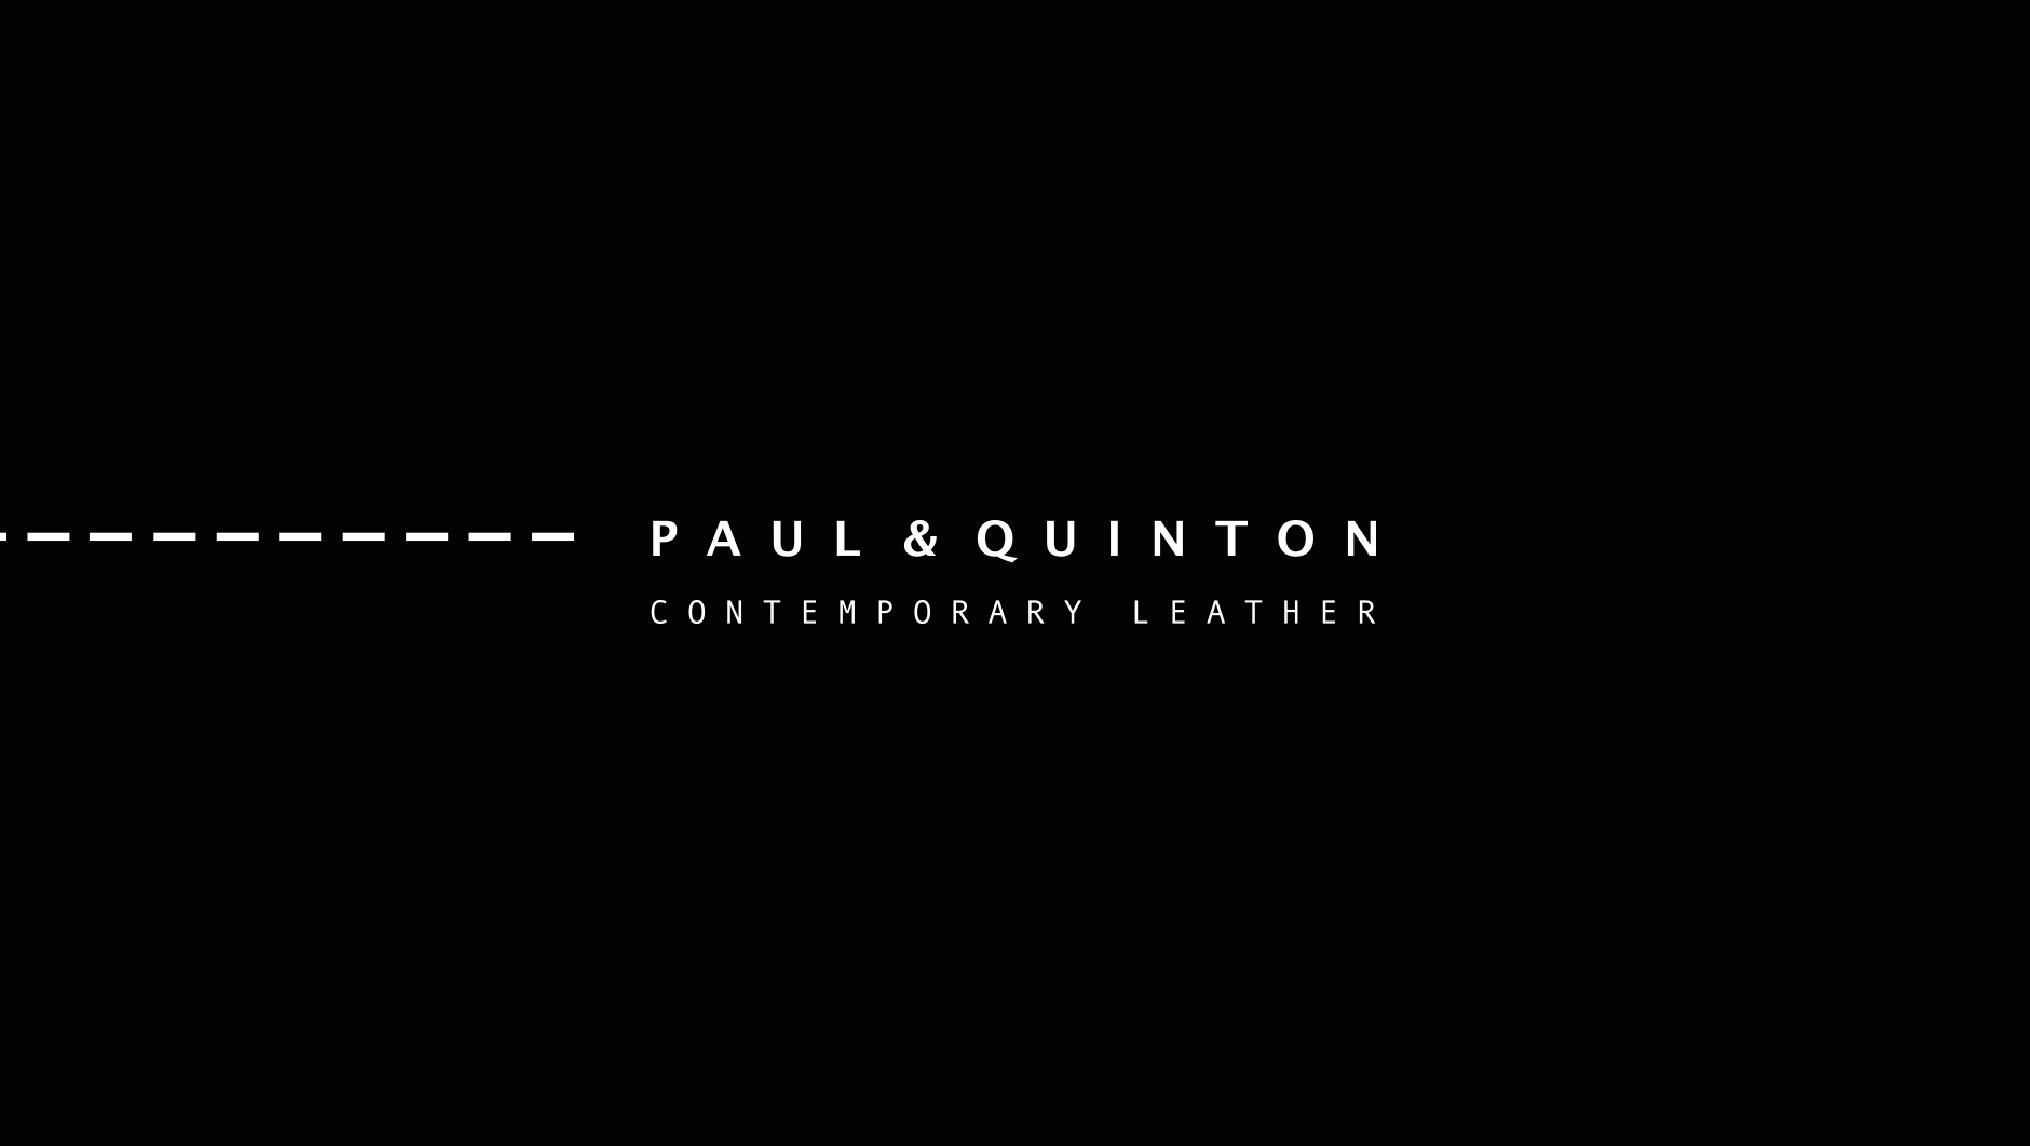 Paul & Quinton